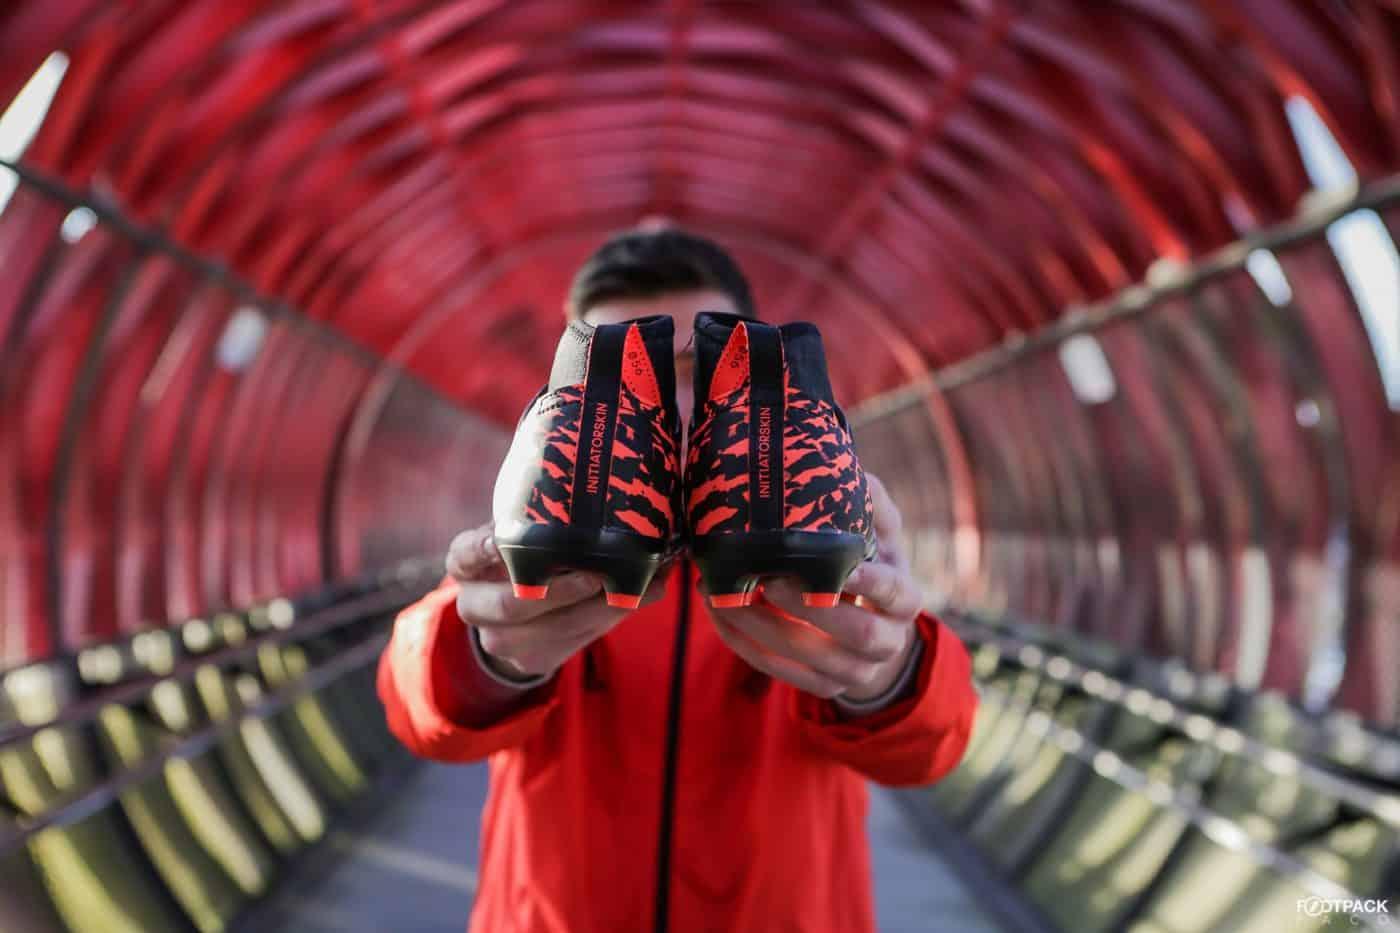 adidas-glitch-initiator-pack-footpack-2